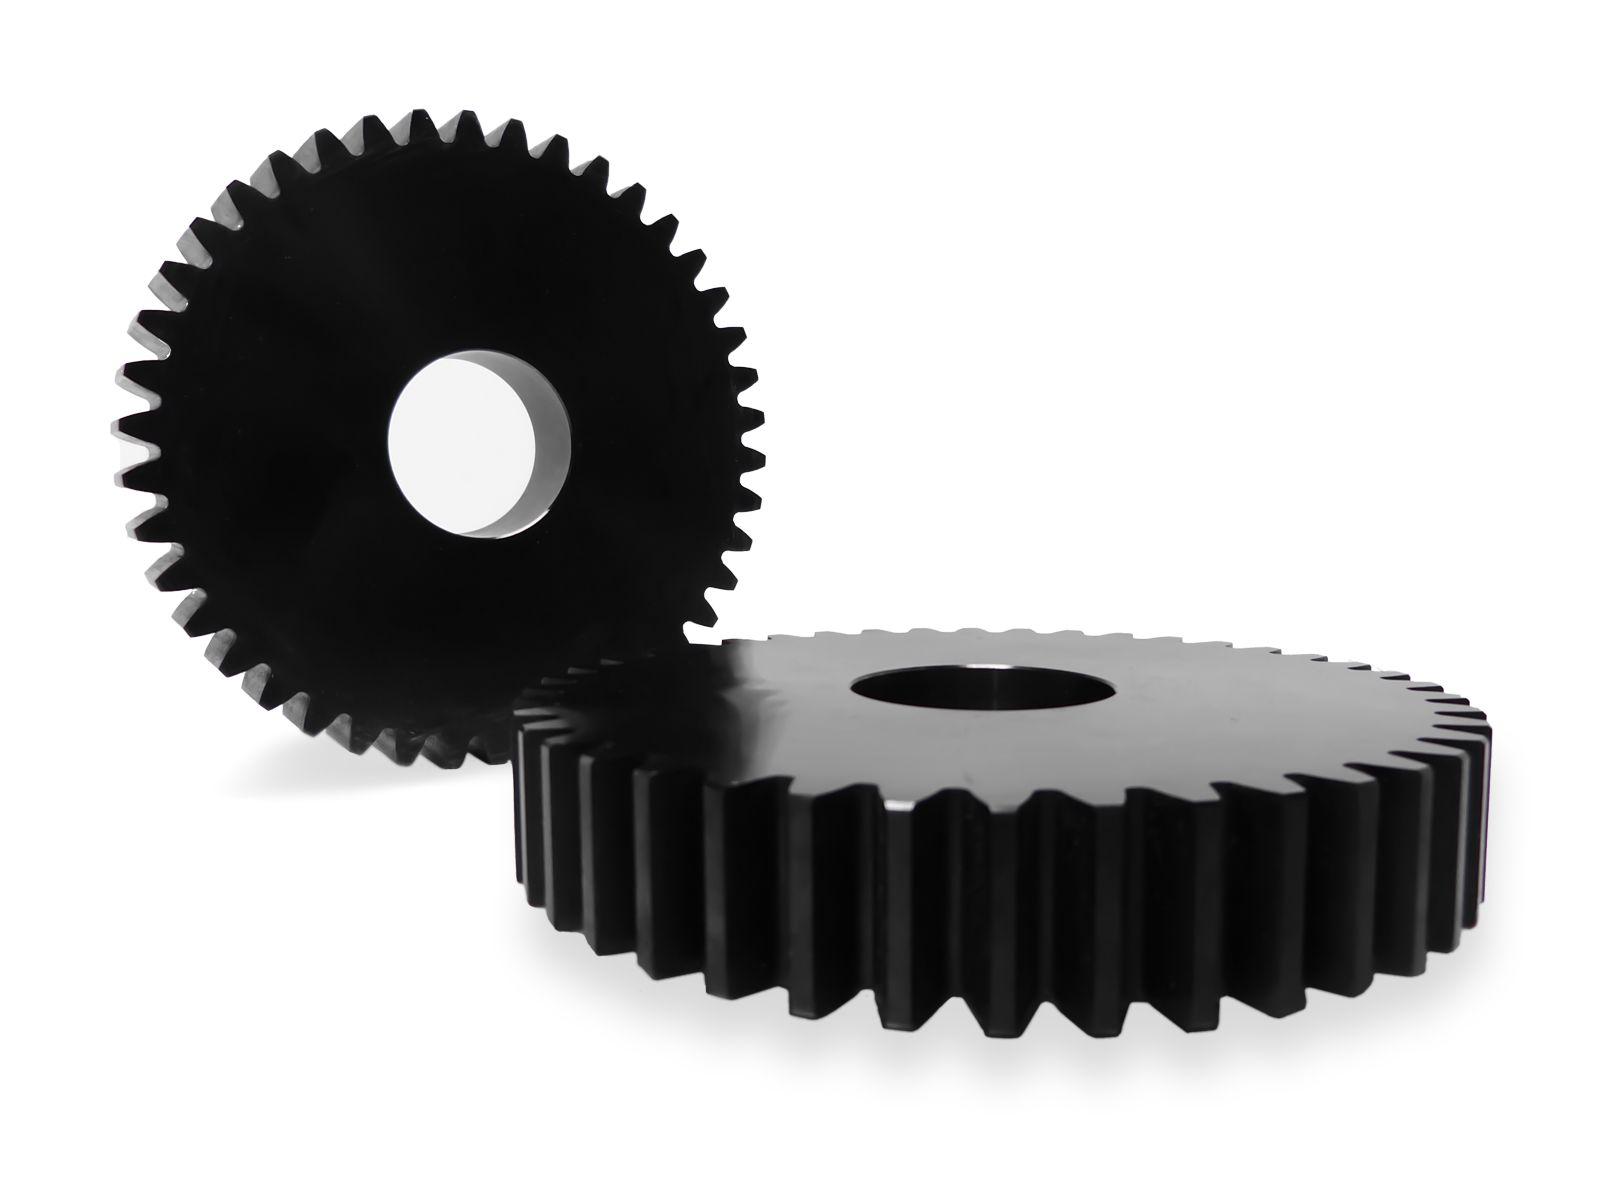 Le ruote dentate possono essere fornite in qualsiasi materiale con relativo certificato di origine